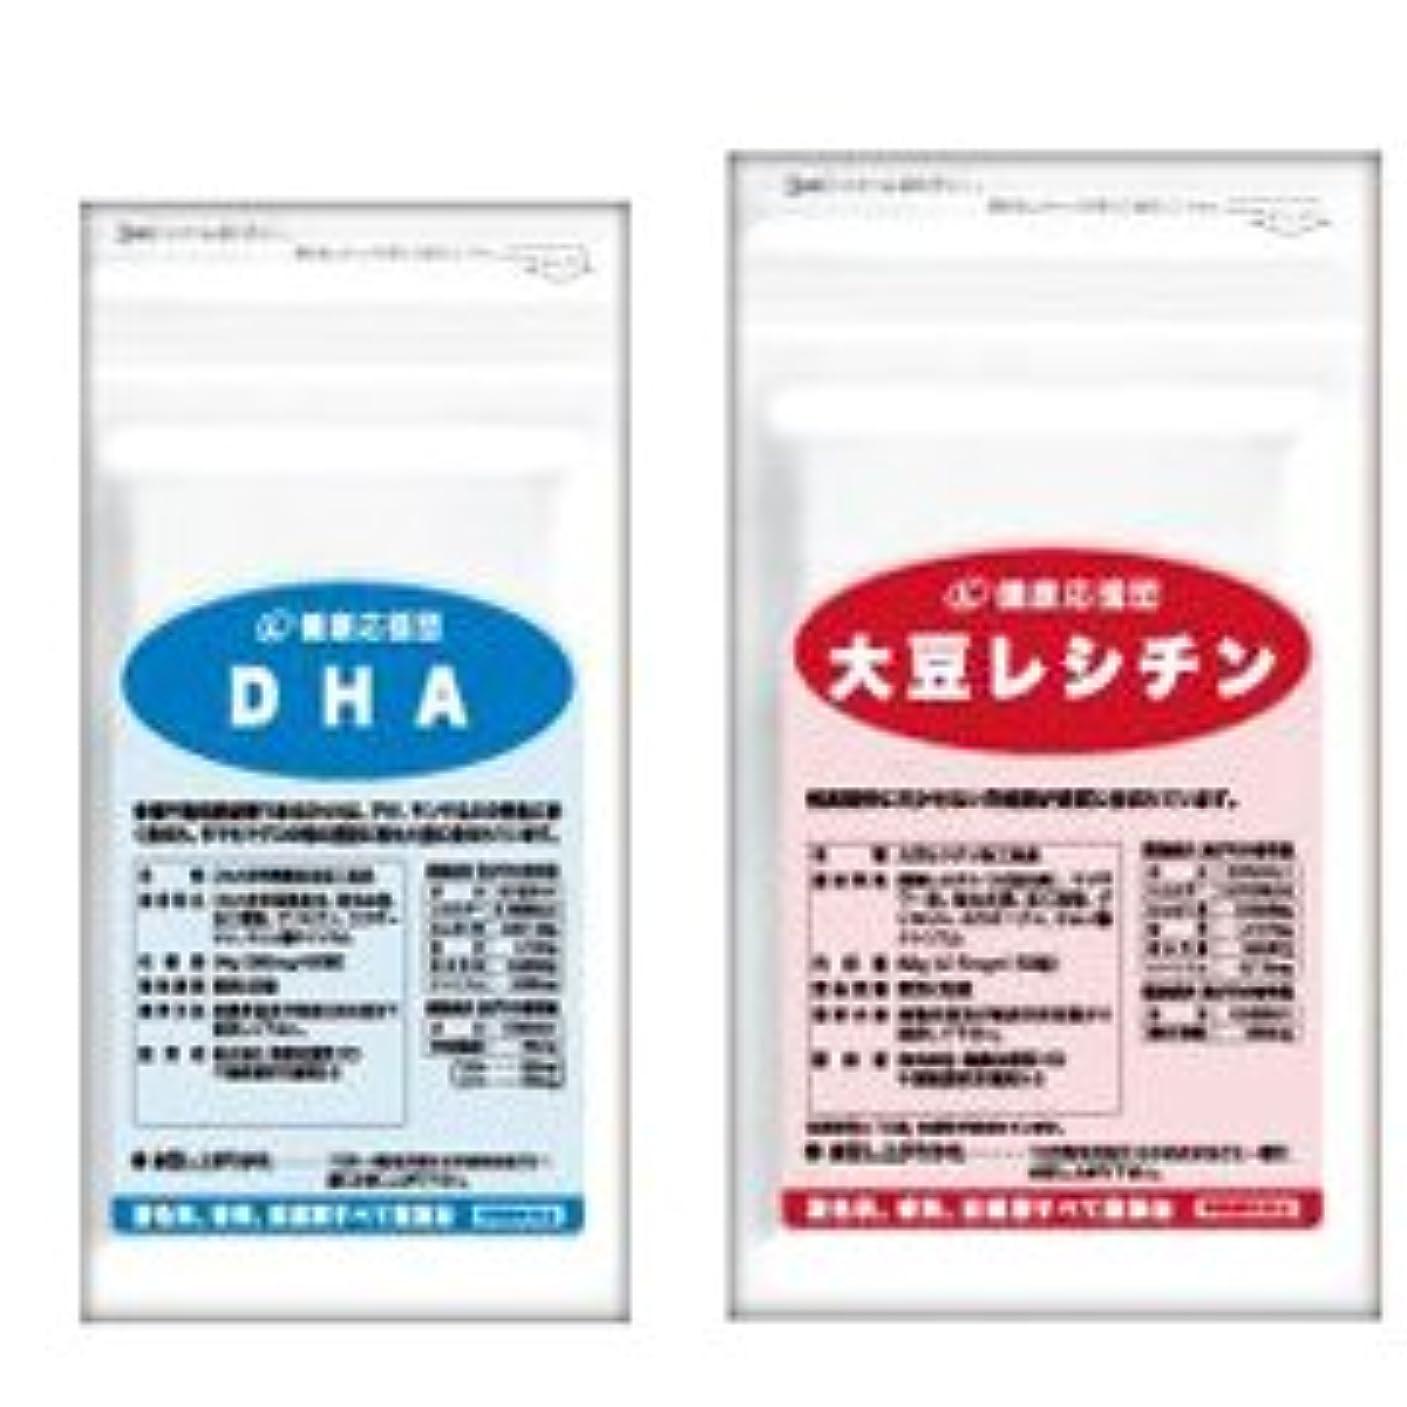 ロースト斧南方のサラサラ巡りセット 大豆レシチン + DHA